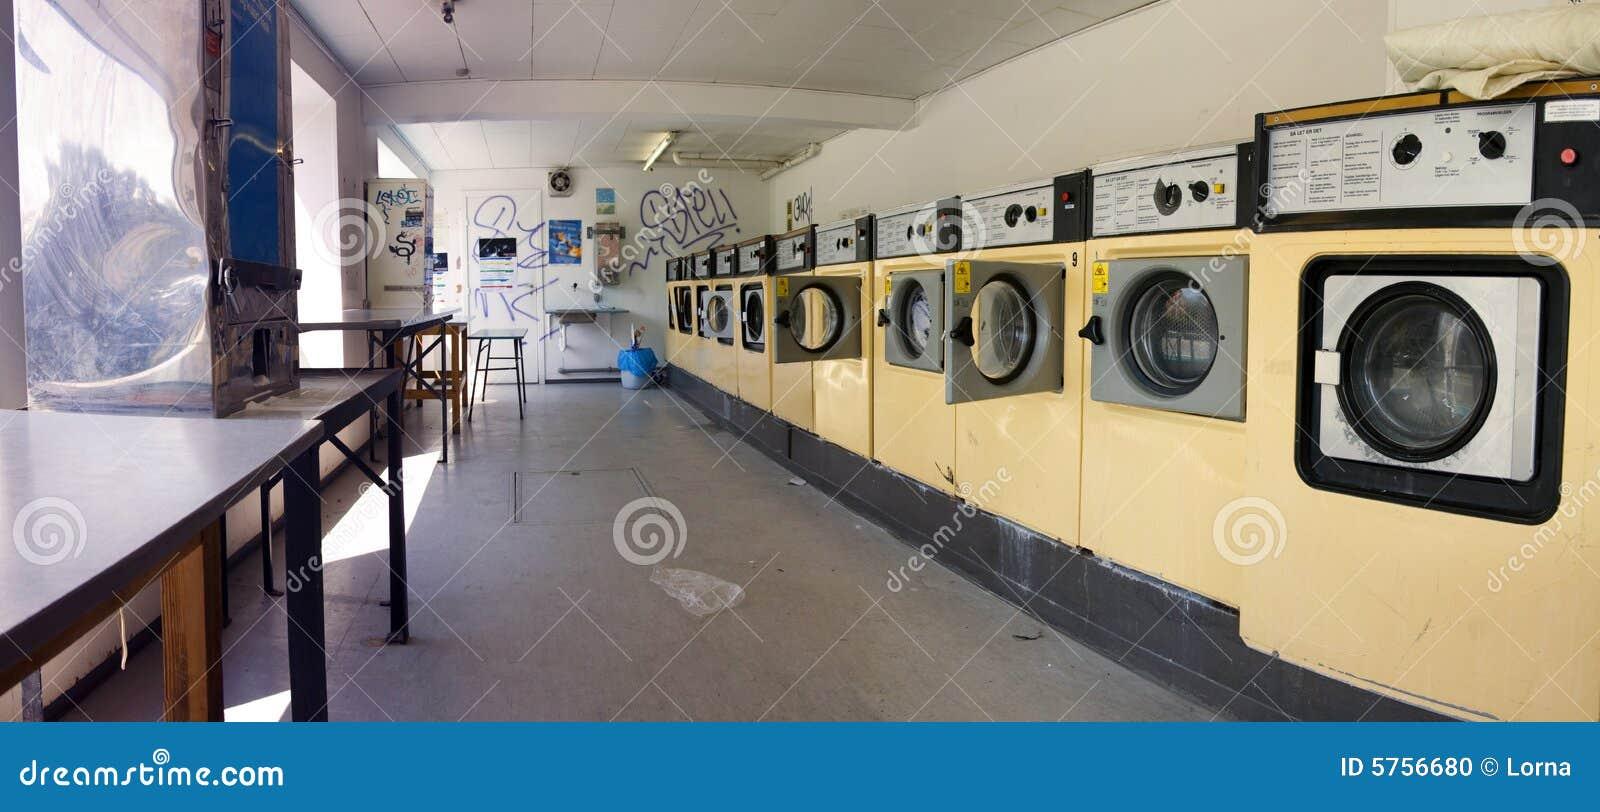 Launderette washing machine